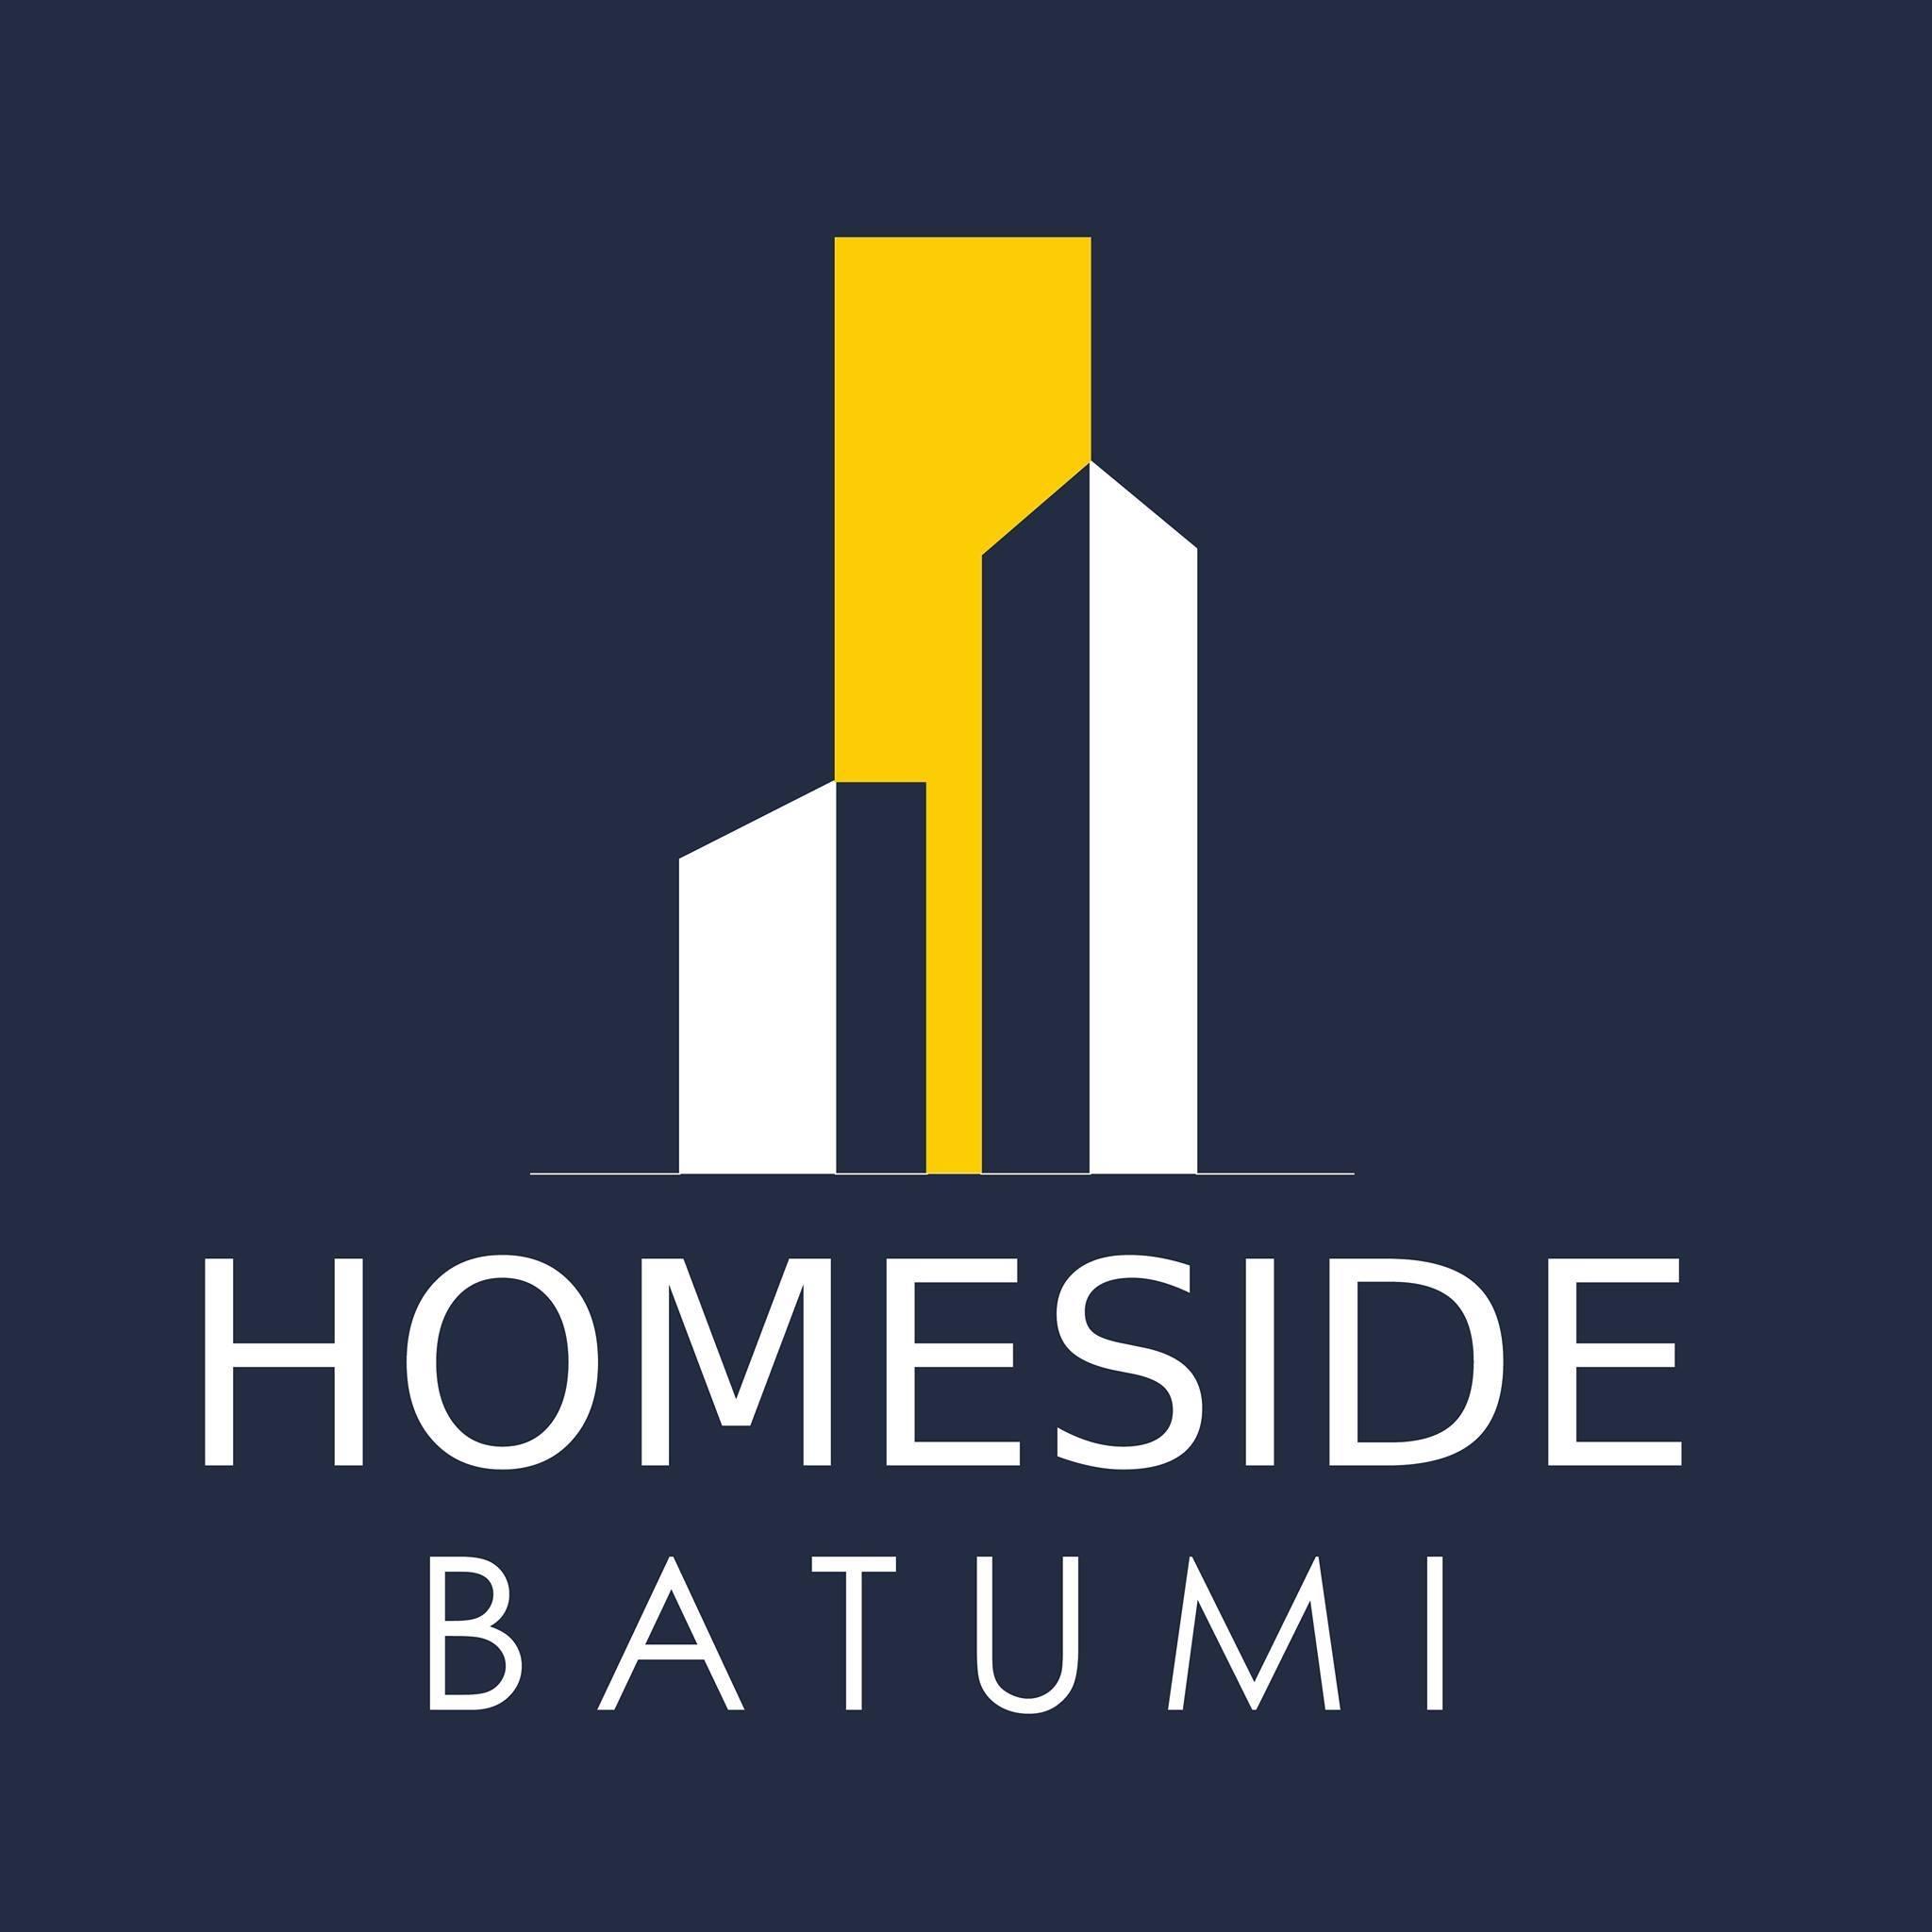 HomeSide Batumi